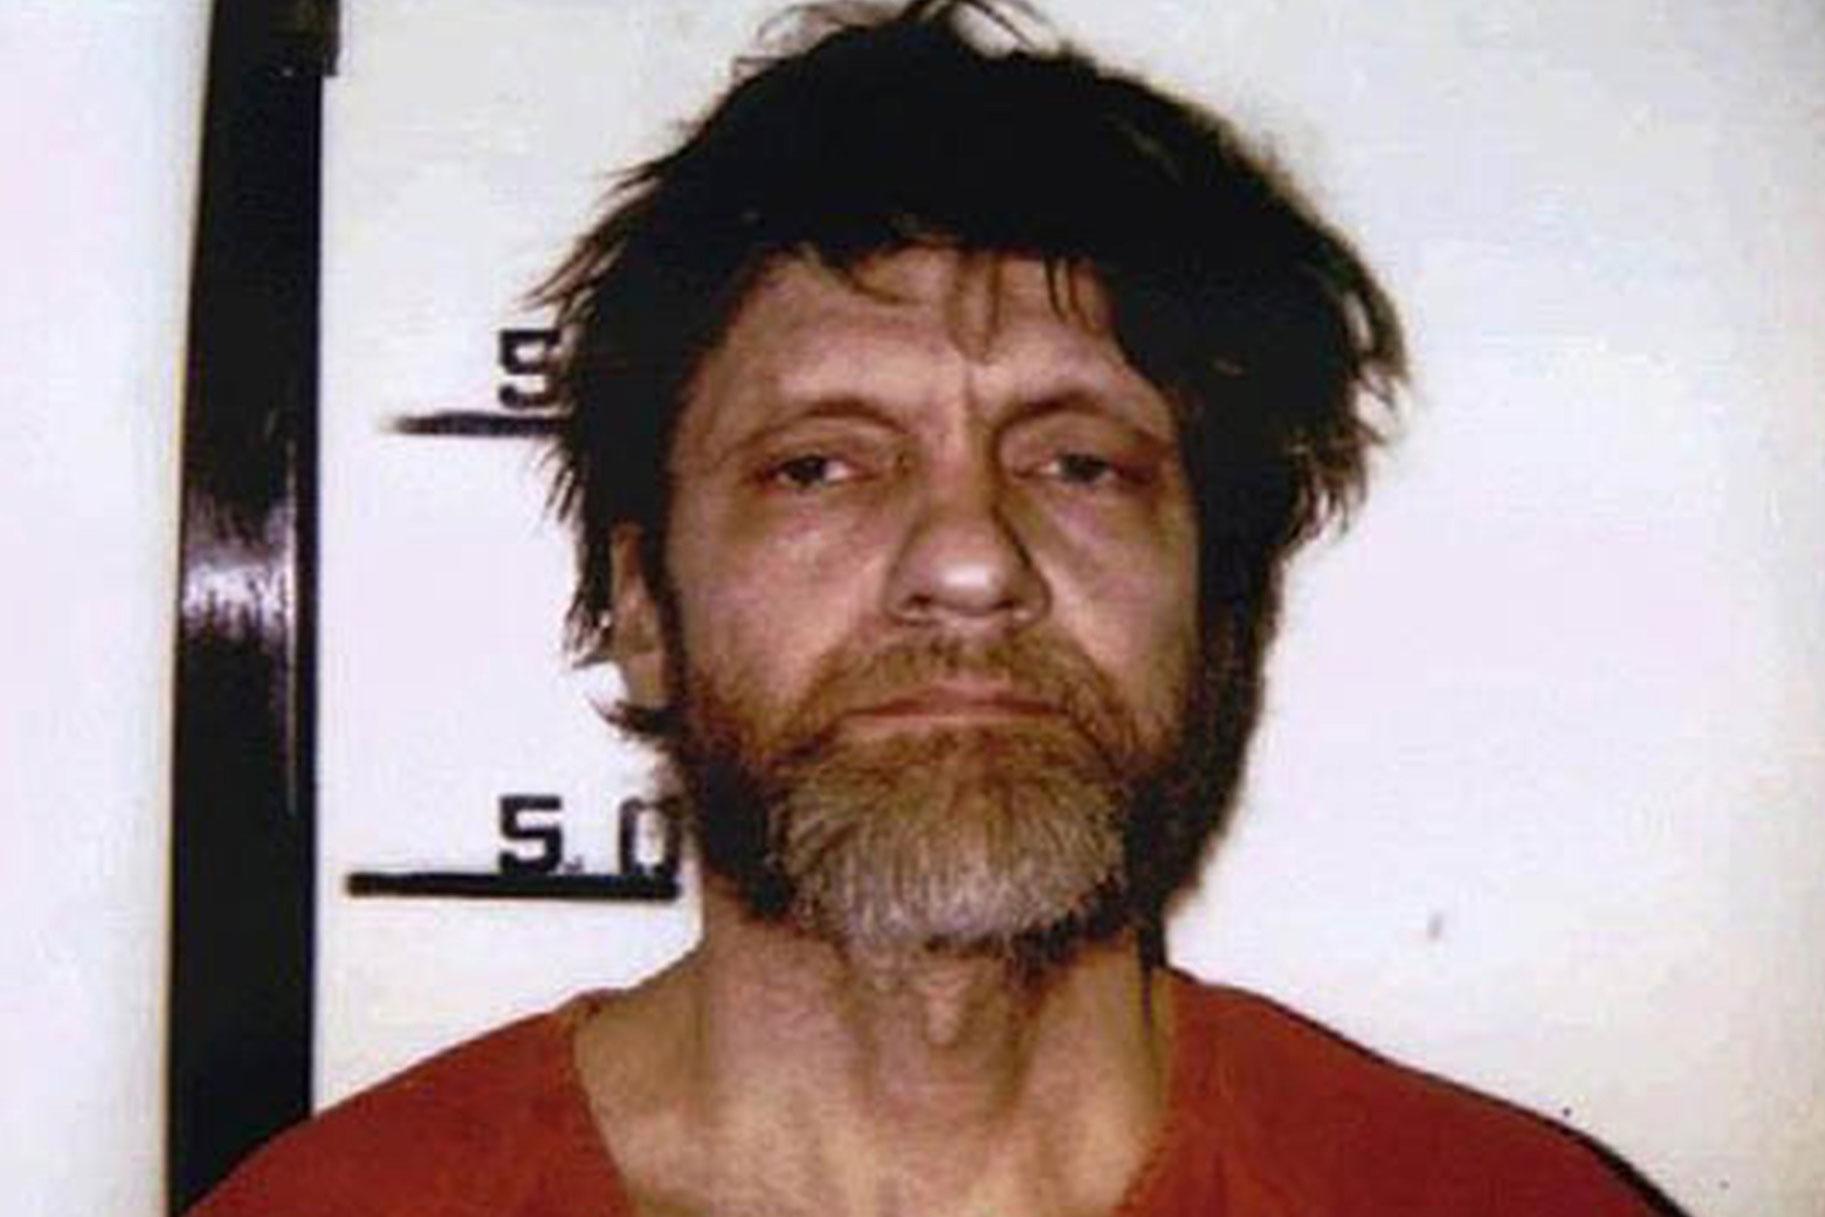 Ποια είναι η προέλευση του περίφημου παρατσούκλι του Ted Kaczynski 'The Unabomber';